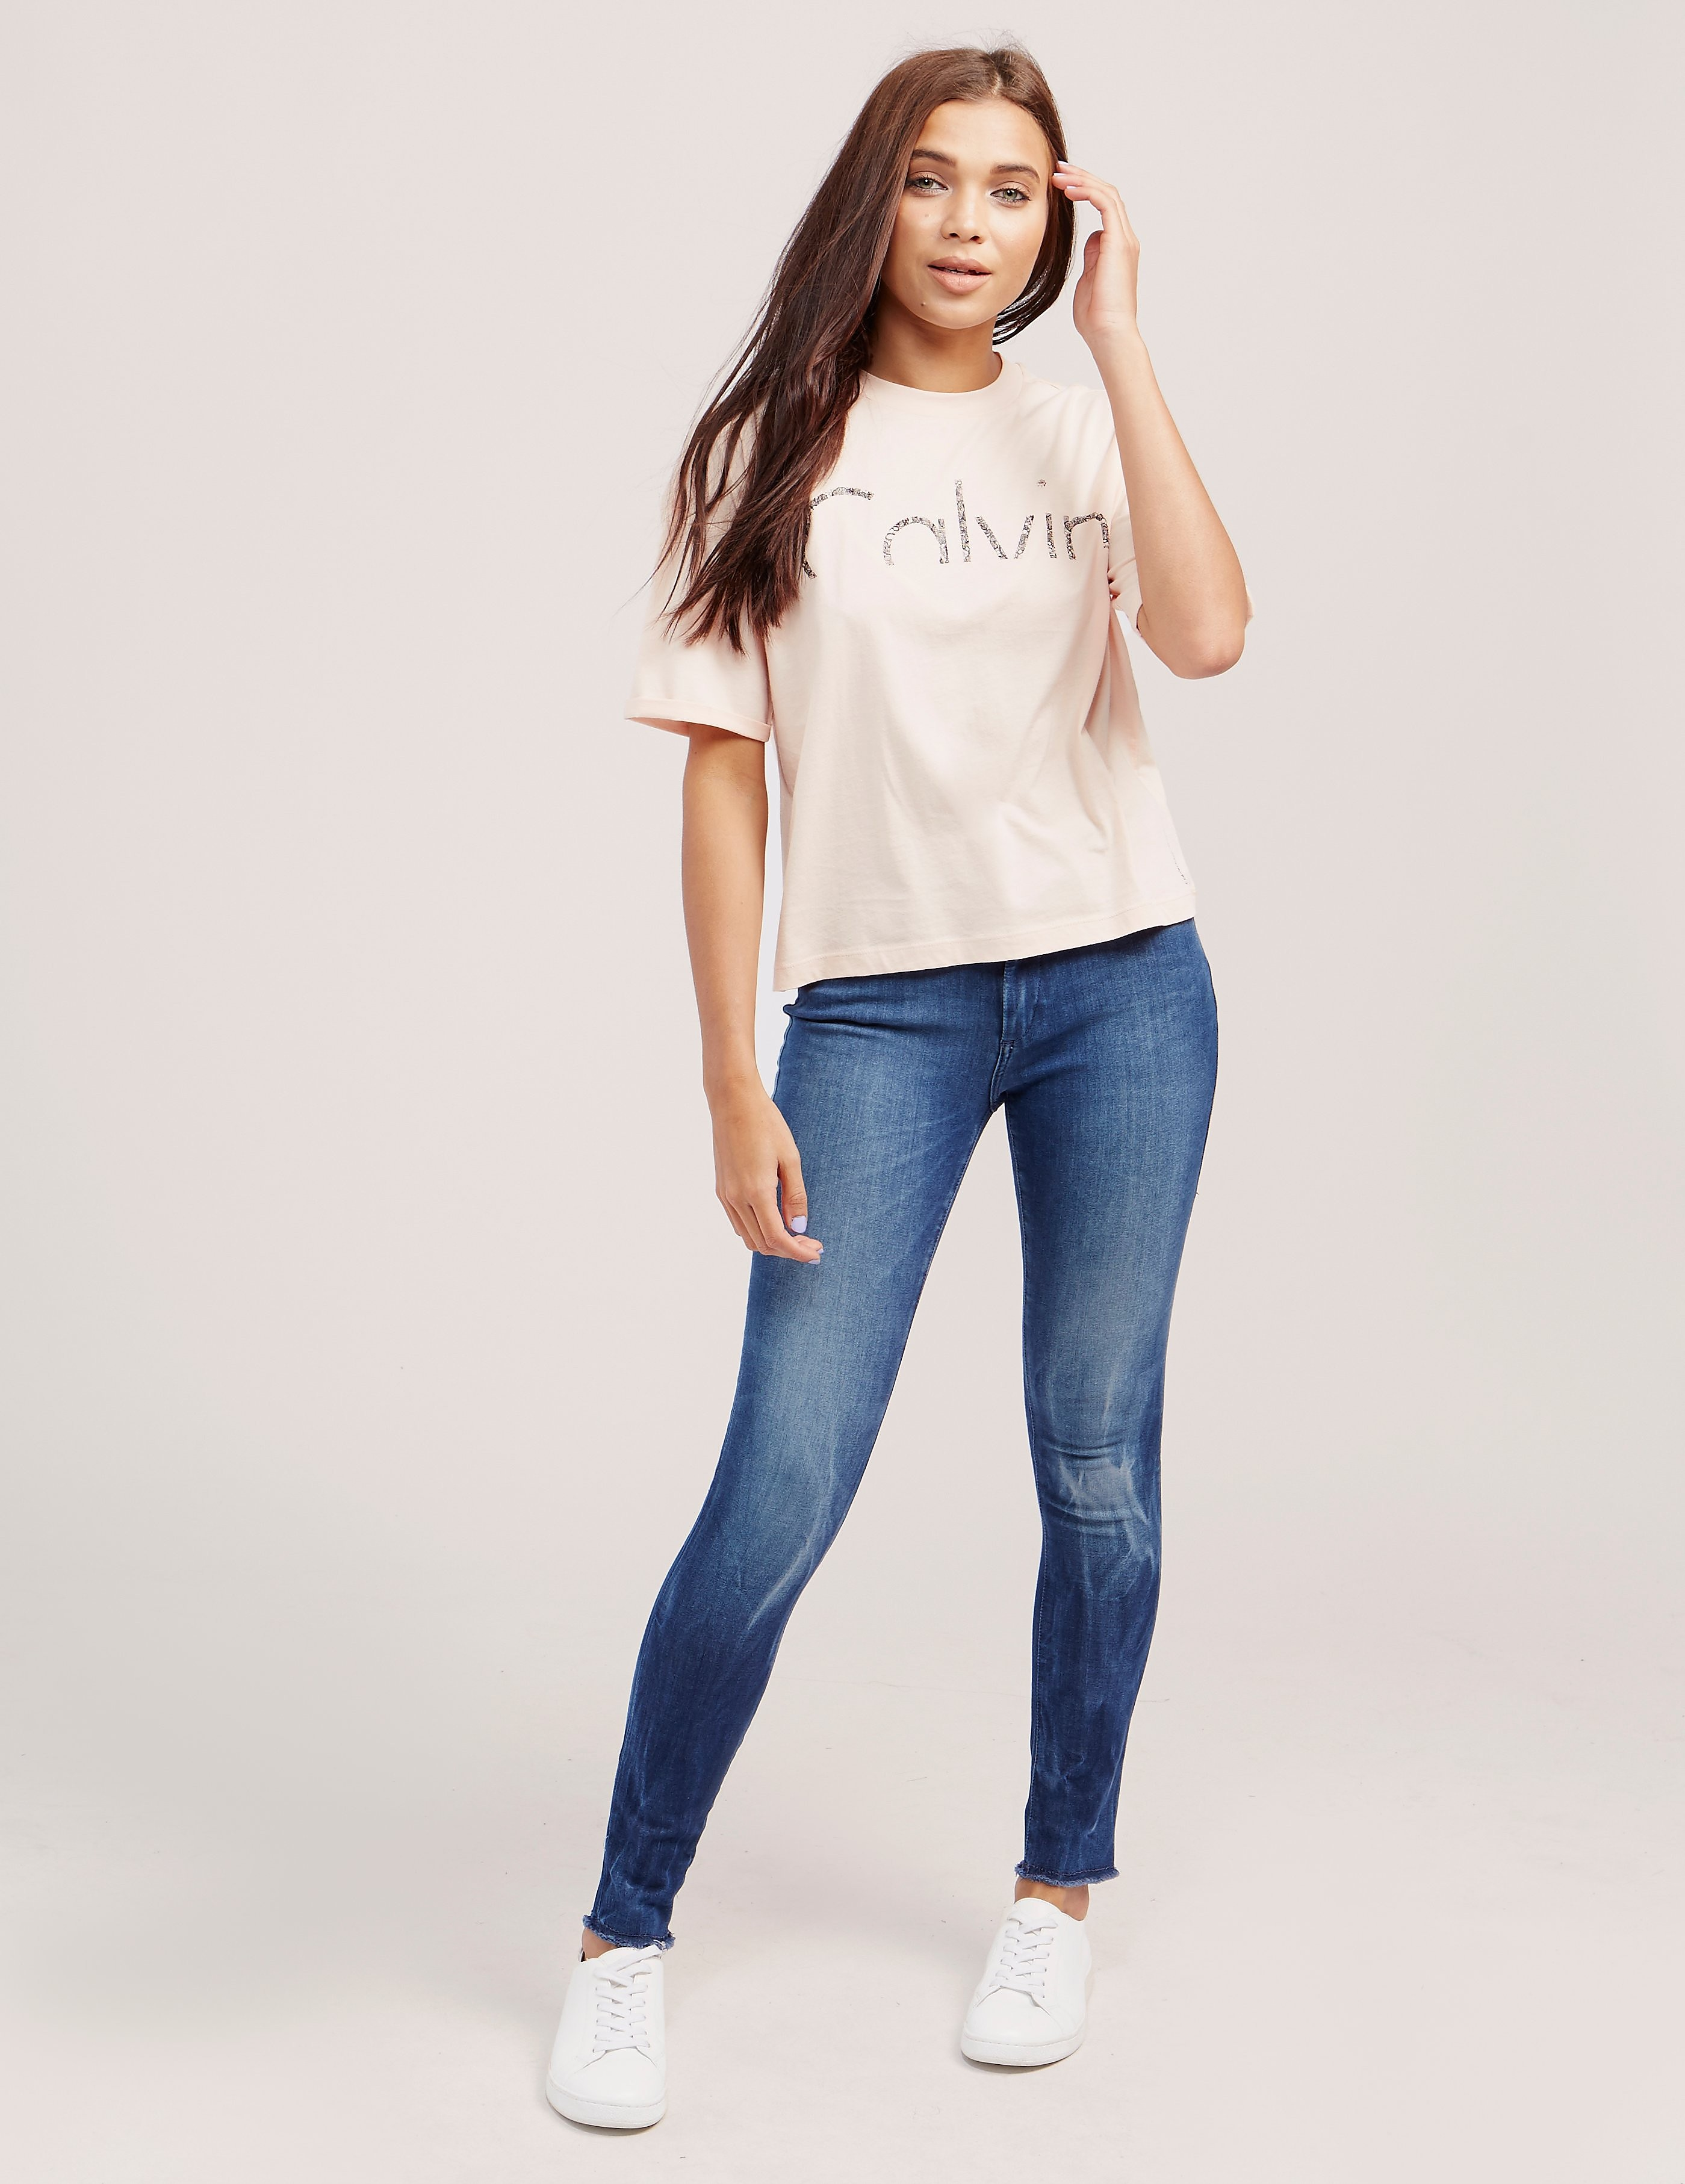 Calvin Klein Teco Box Short Sleeve T-Shirt